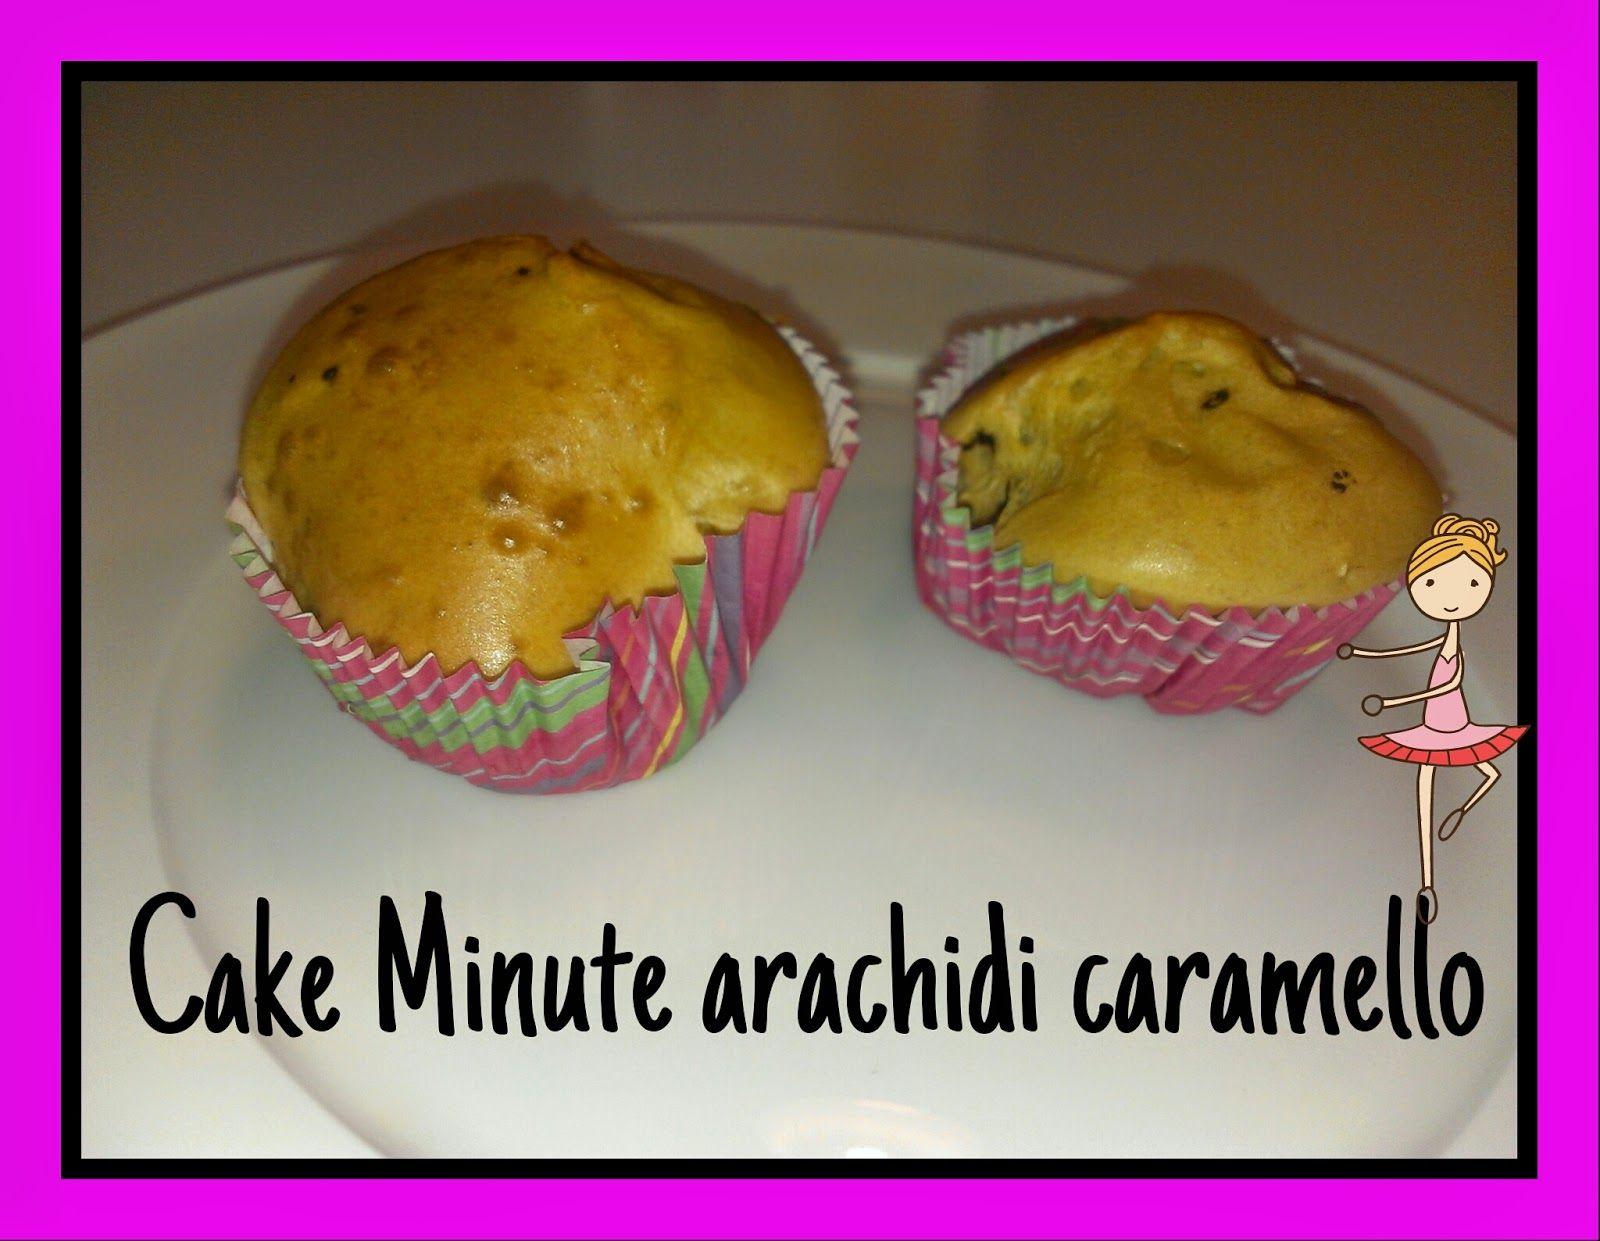 http://www.mincidelice.it/it/p-torta-iperproteica-caramello-cioccolato-sapore-arachidi---p423.html